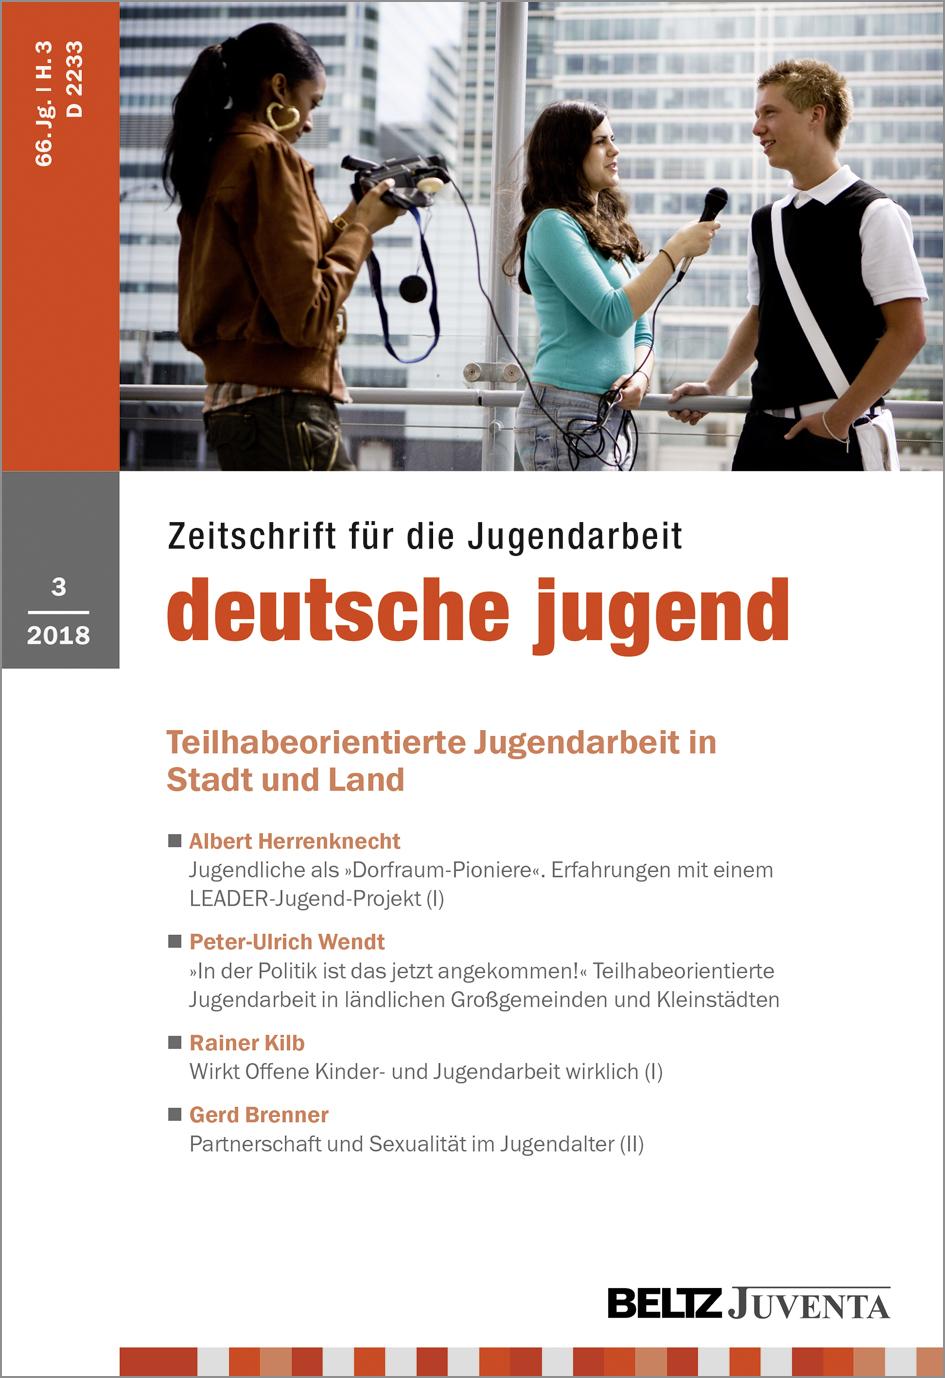 Gemütlich Jugendarbeiter Lebenslauf Galerie - Entry Level Resume ...